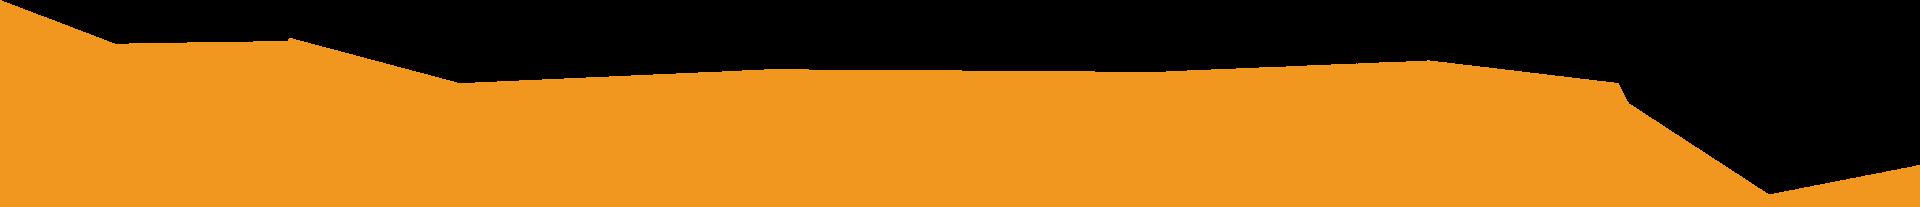 banner-compartir